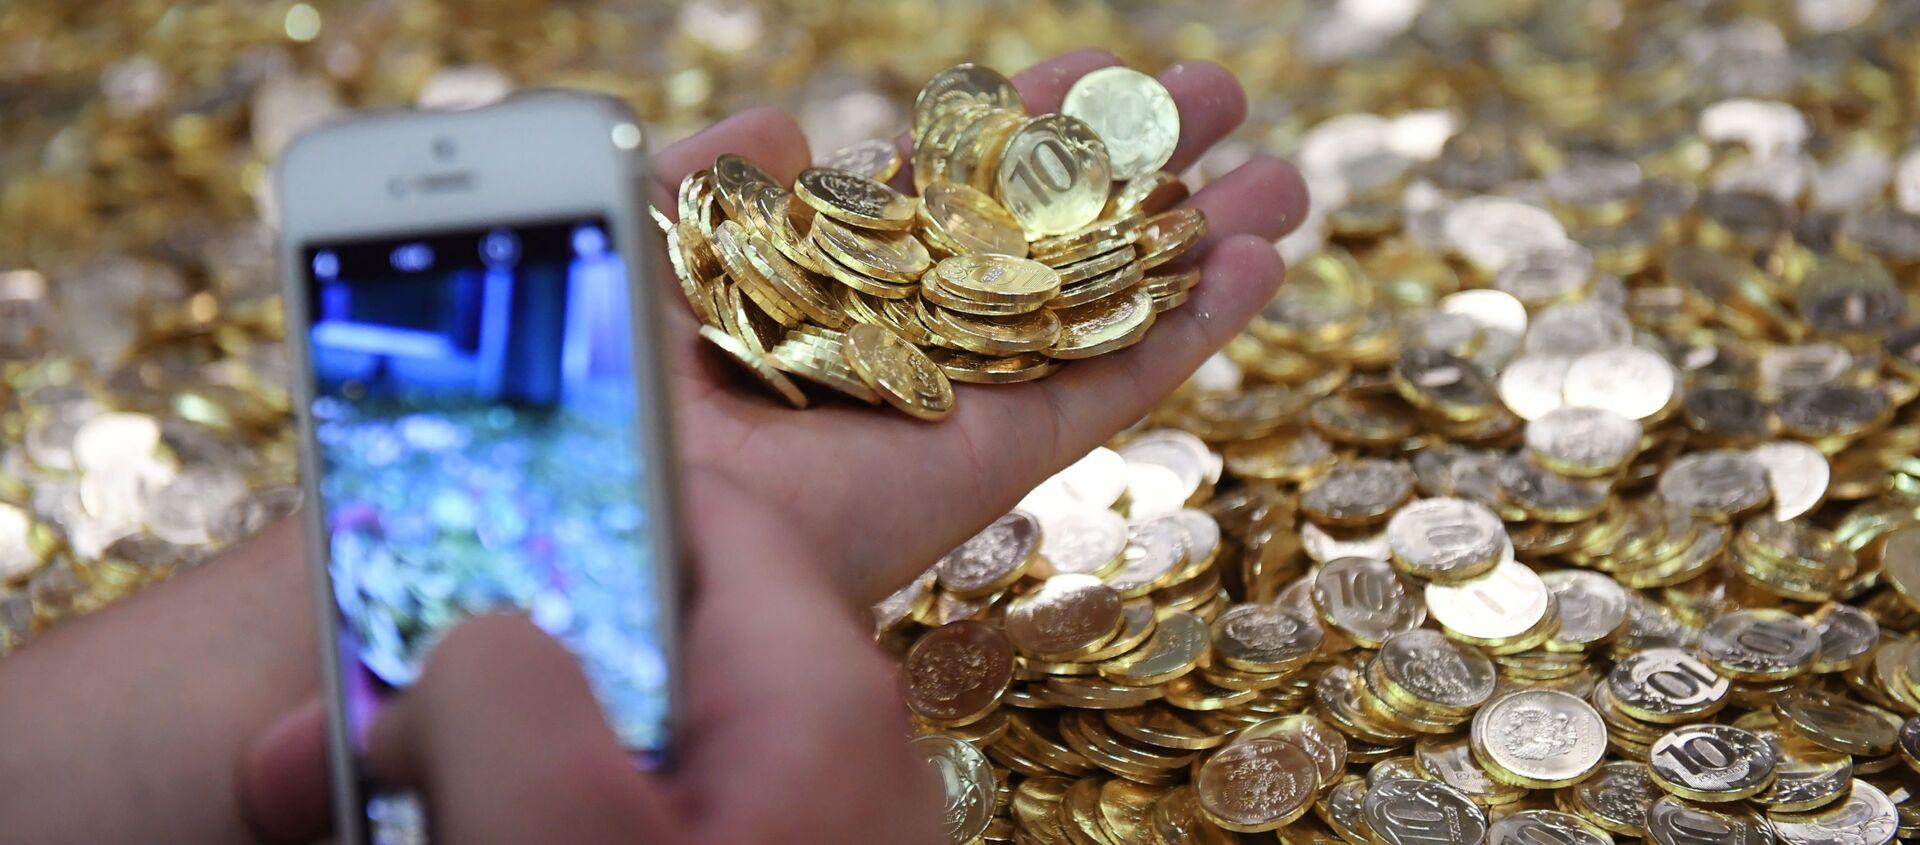 Monety o wartości 10 rubli na linii produkcyjnej w Moskiewskiej Mennicy  - Sputnik Polska, 1920, 03.02.2021